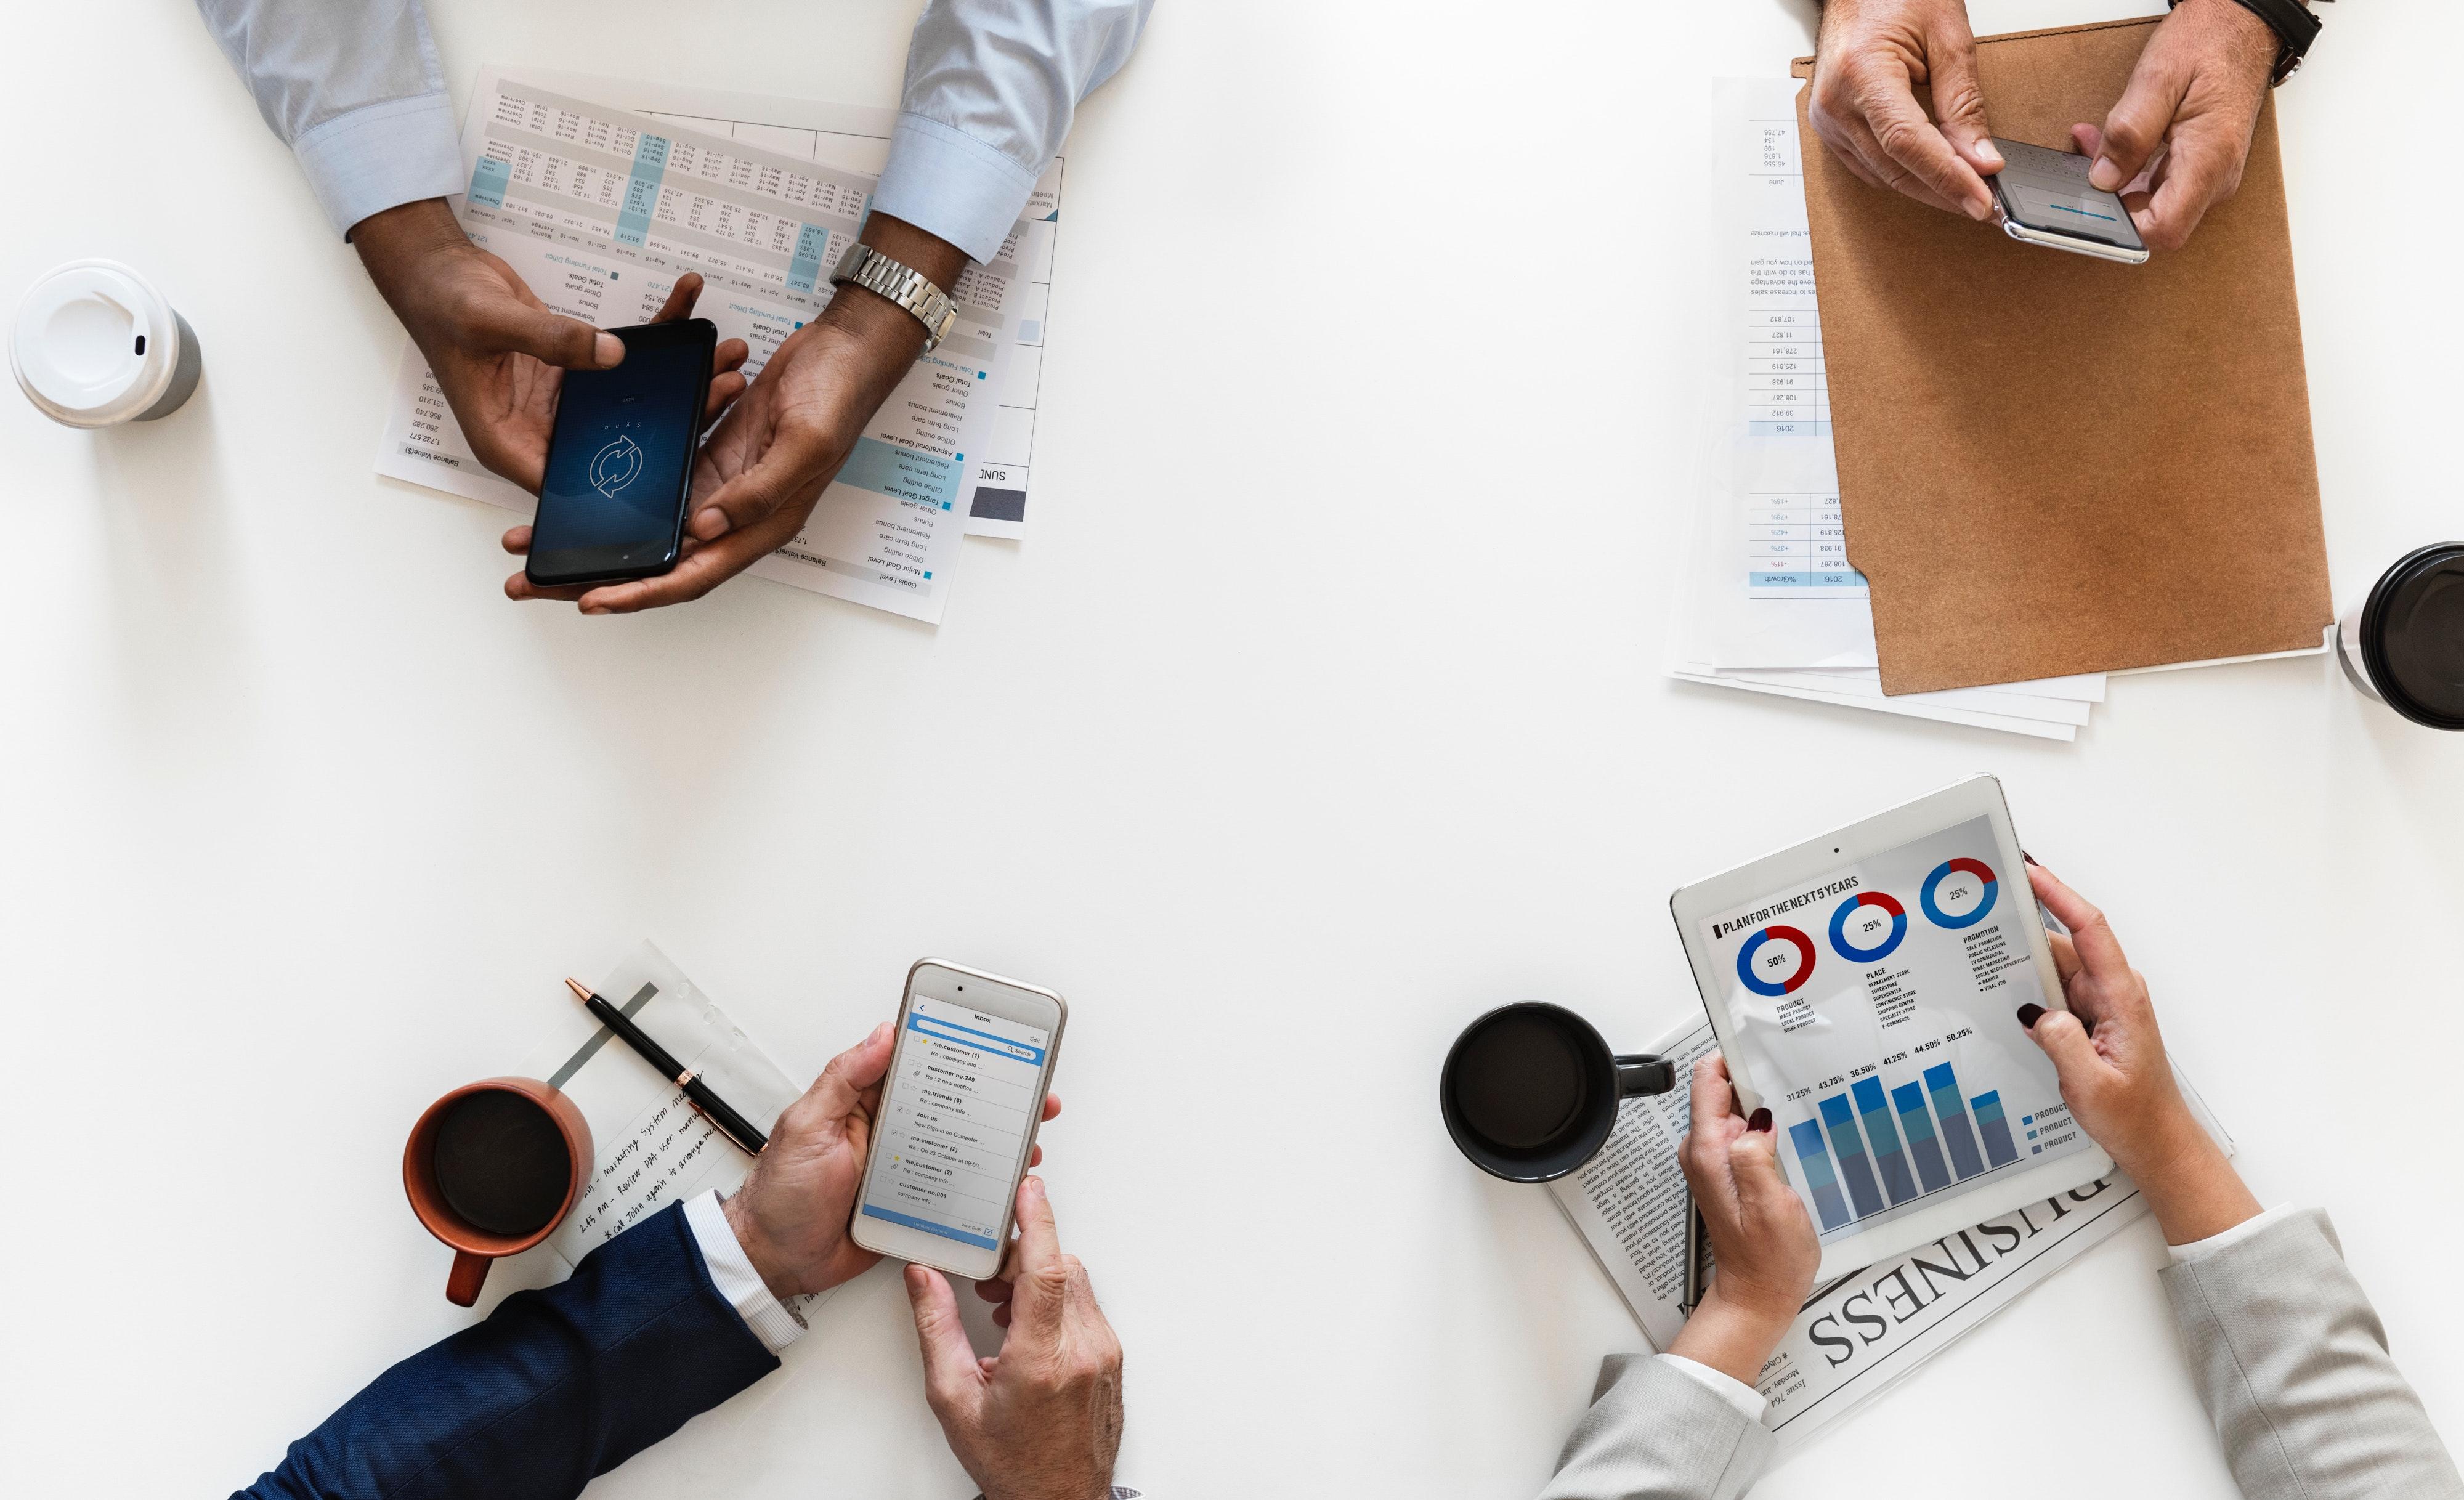 投資系のアフィリエイトで重要な5つのこと【最速で情報を共有・仮想通貨・実業】